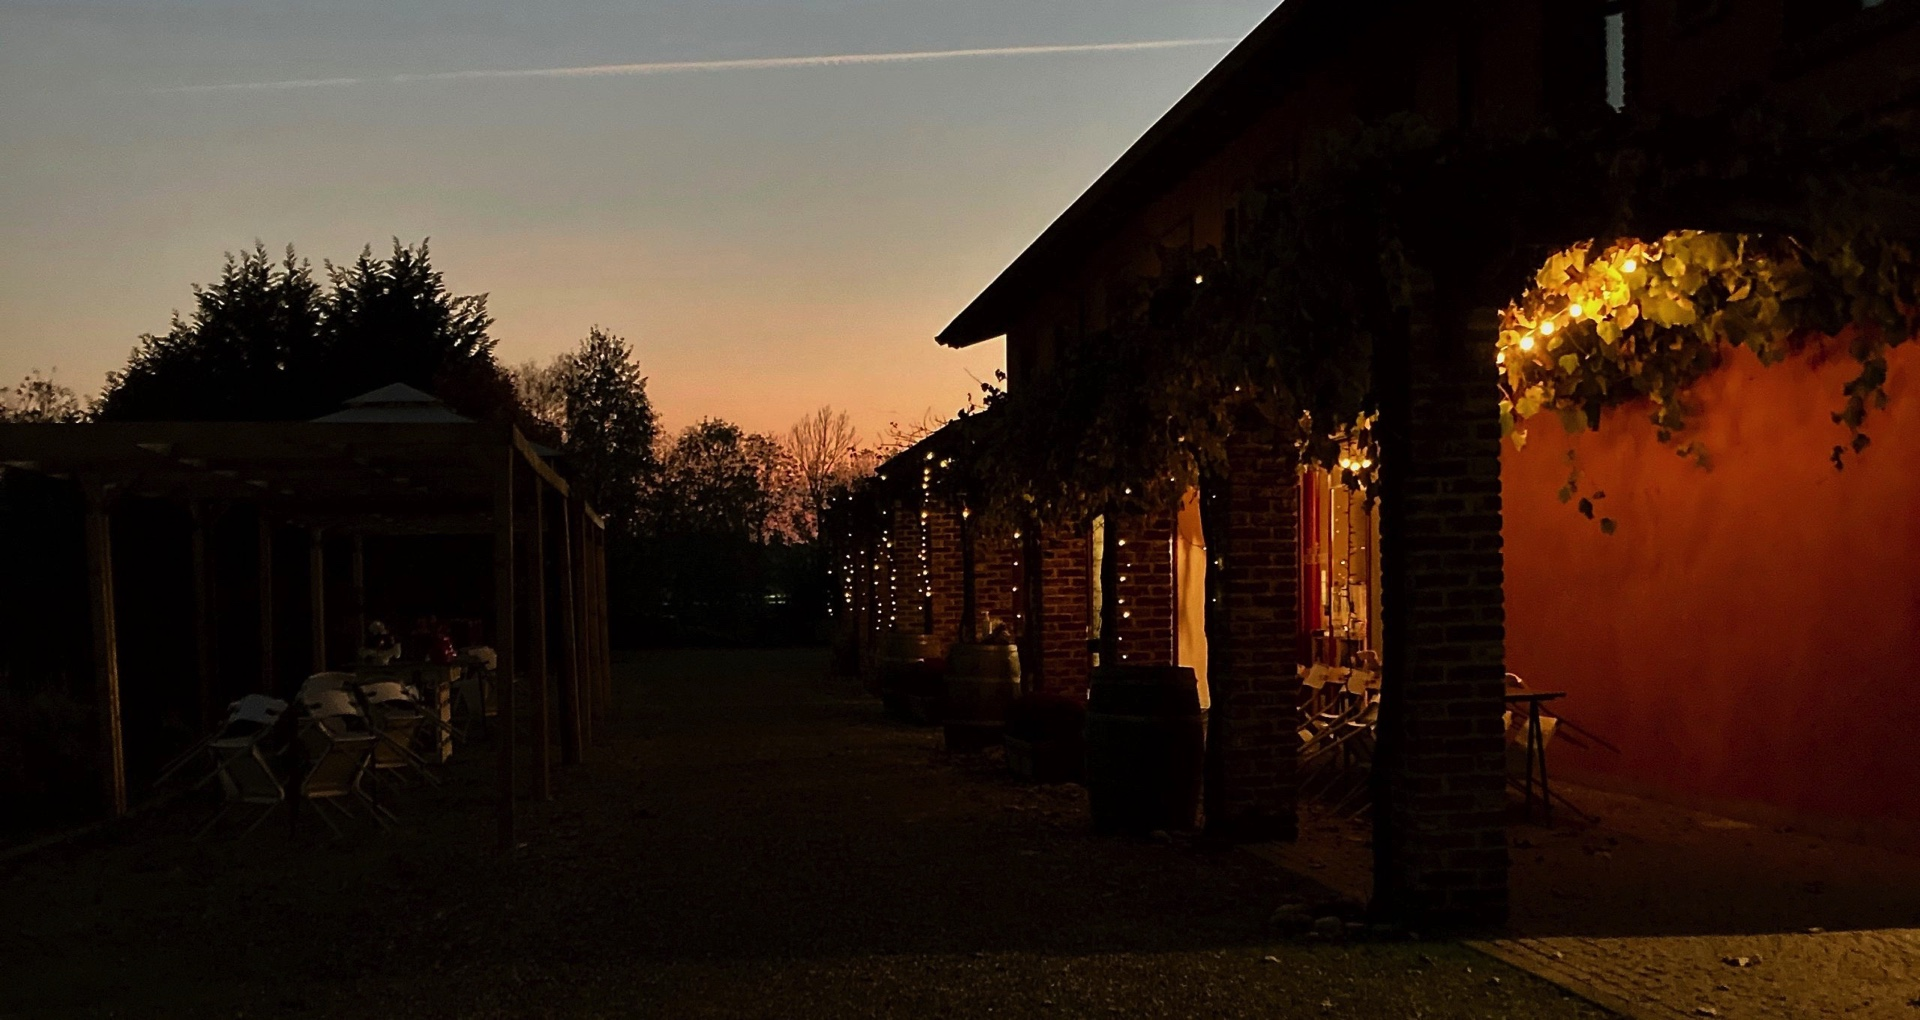 Piedmont Delights Valle Roncati Wines